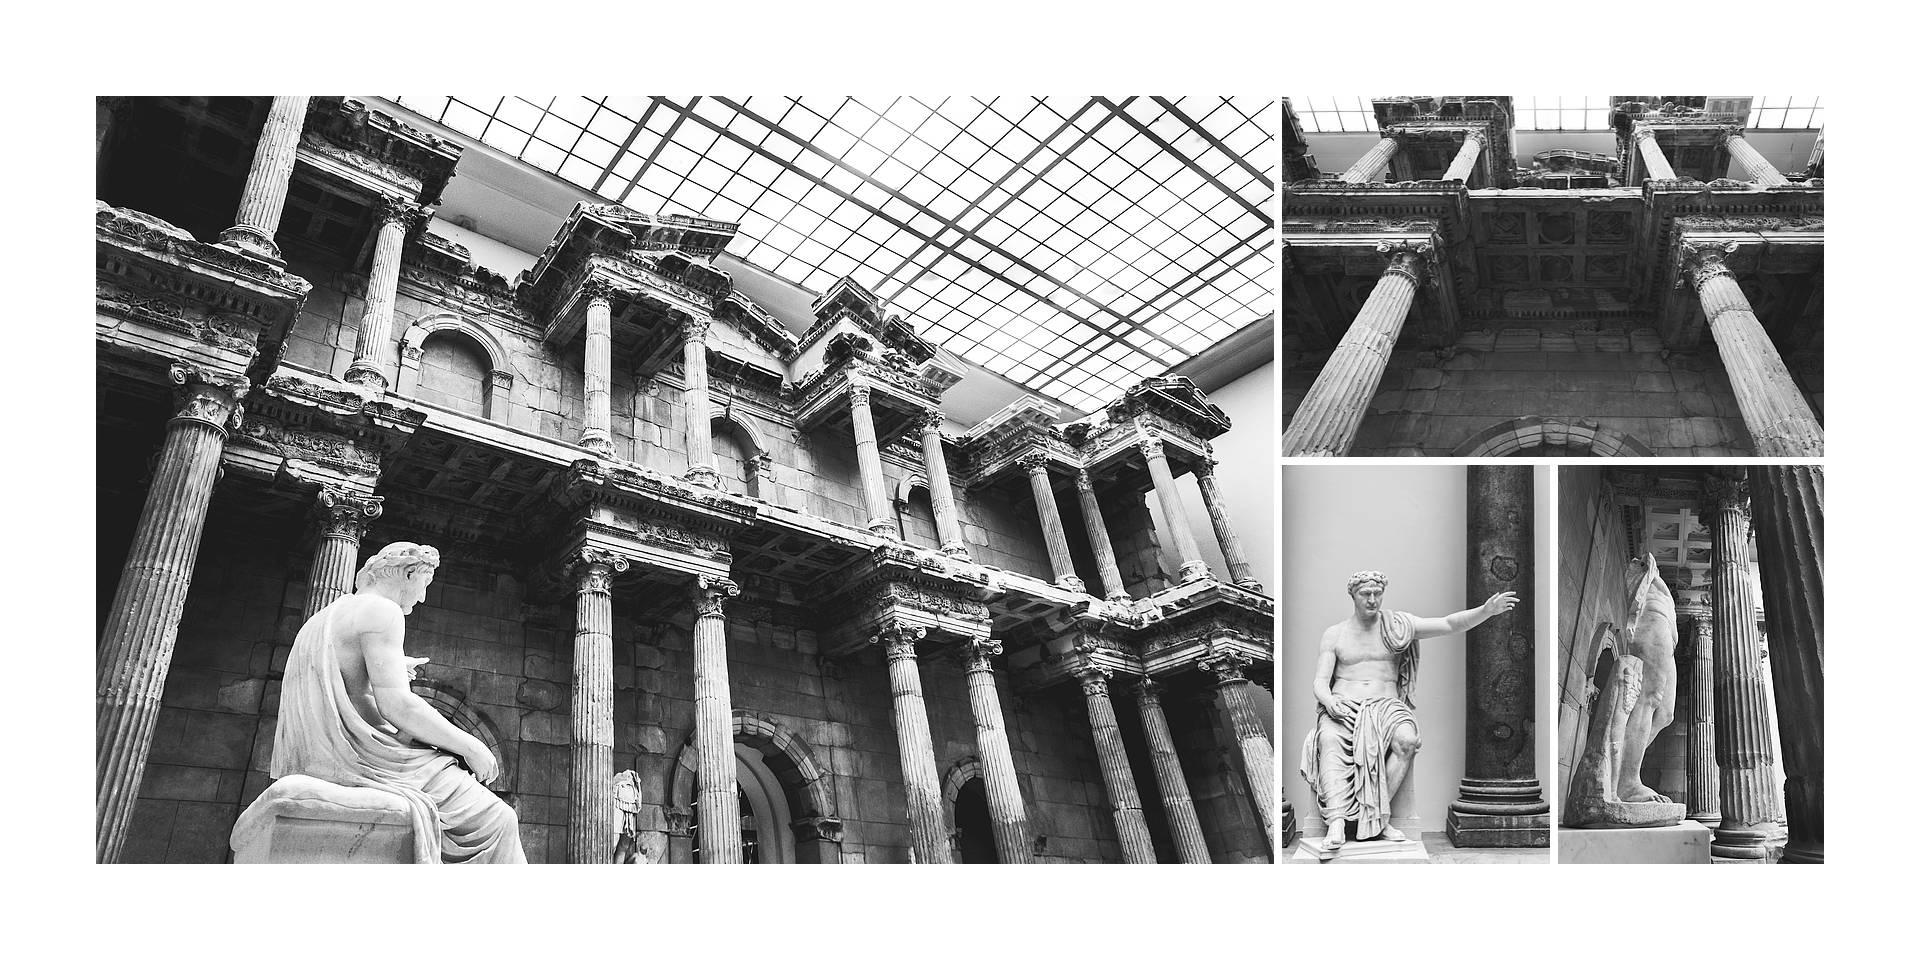 Live your Life - Descubre Berlín - Museo de Pérgamo - Mercado de Mileto